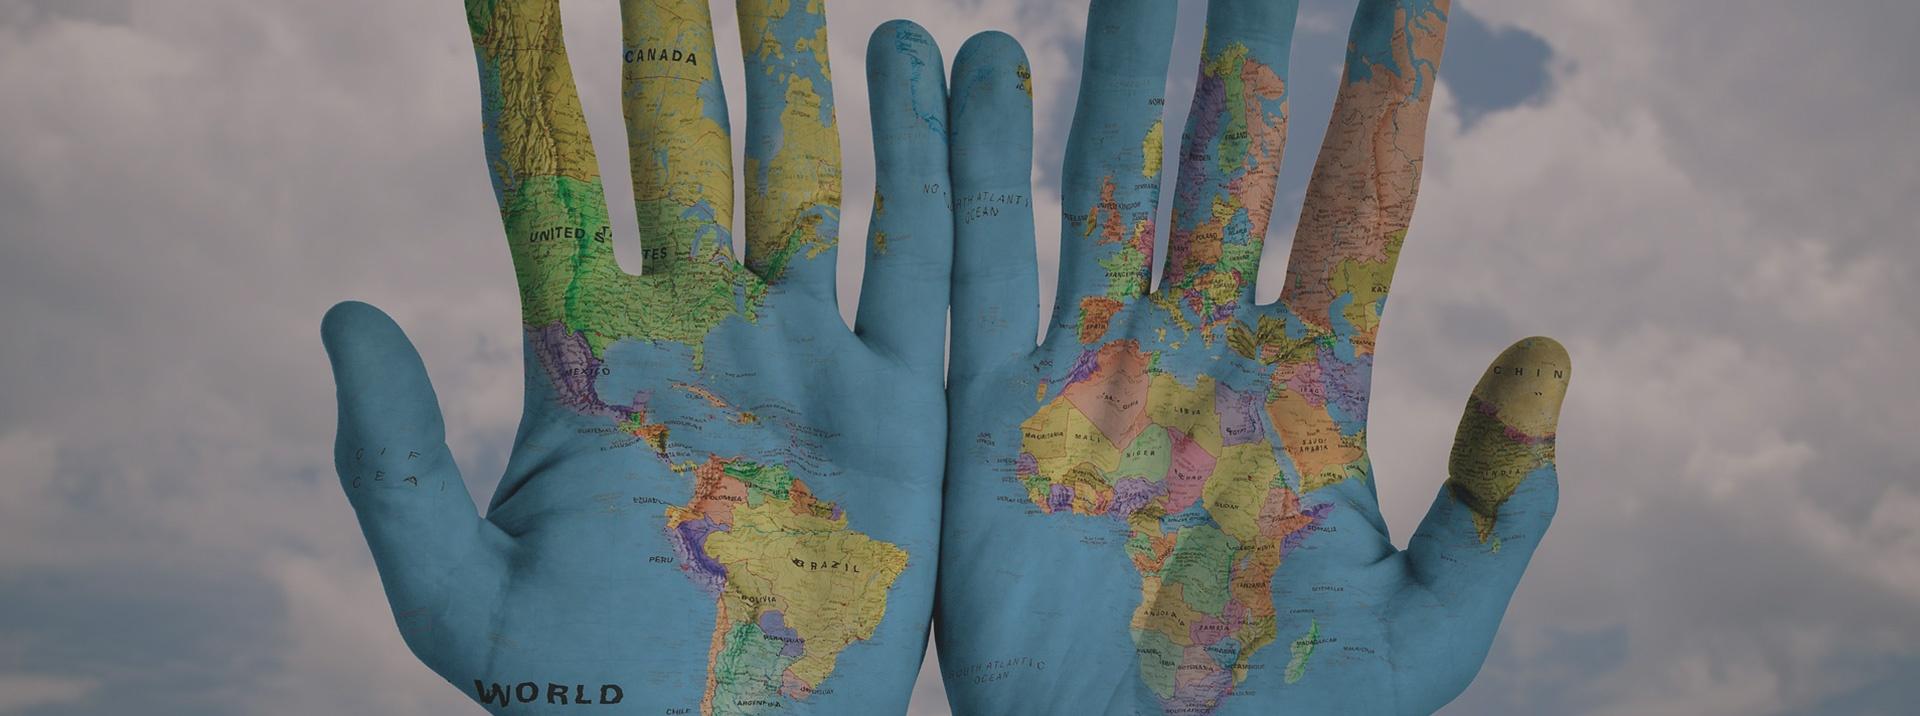 Find your internship around the world